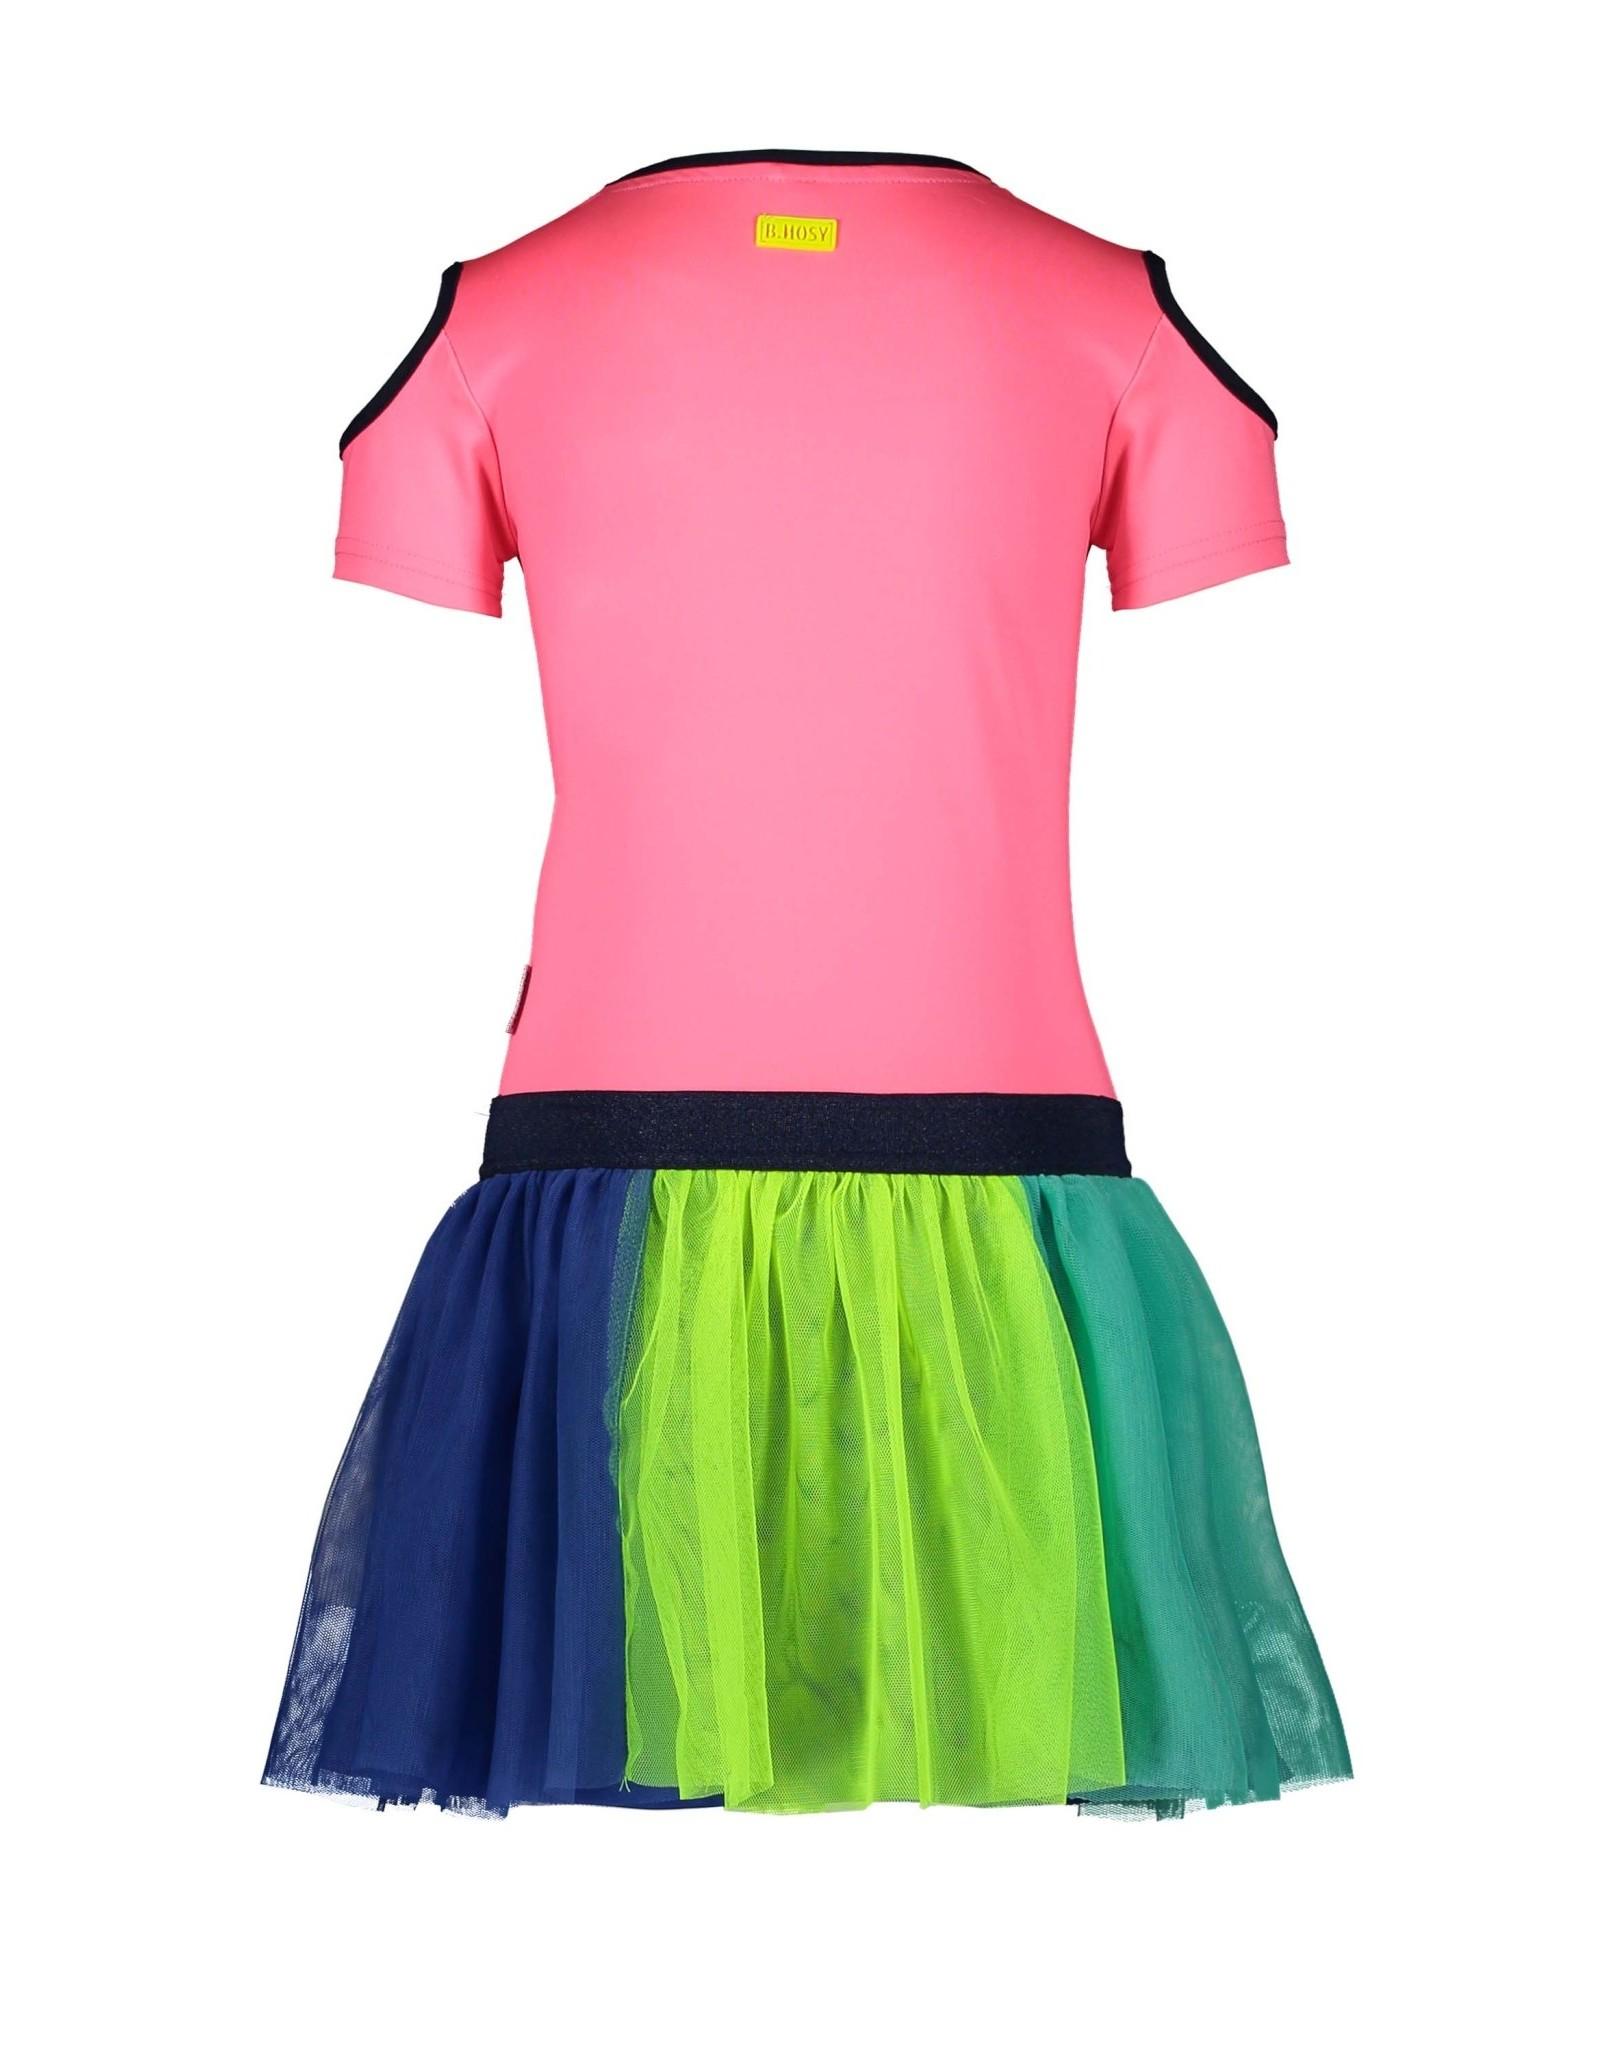 B.Nosy B.Nosy meisjes jurk met tulle rok Festival Pink